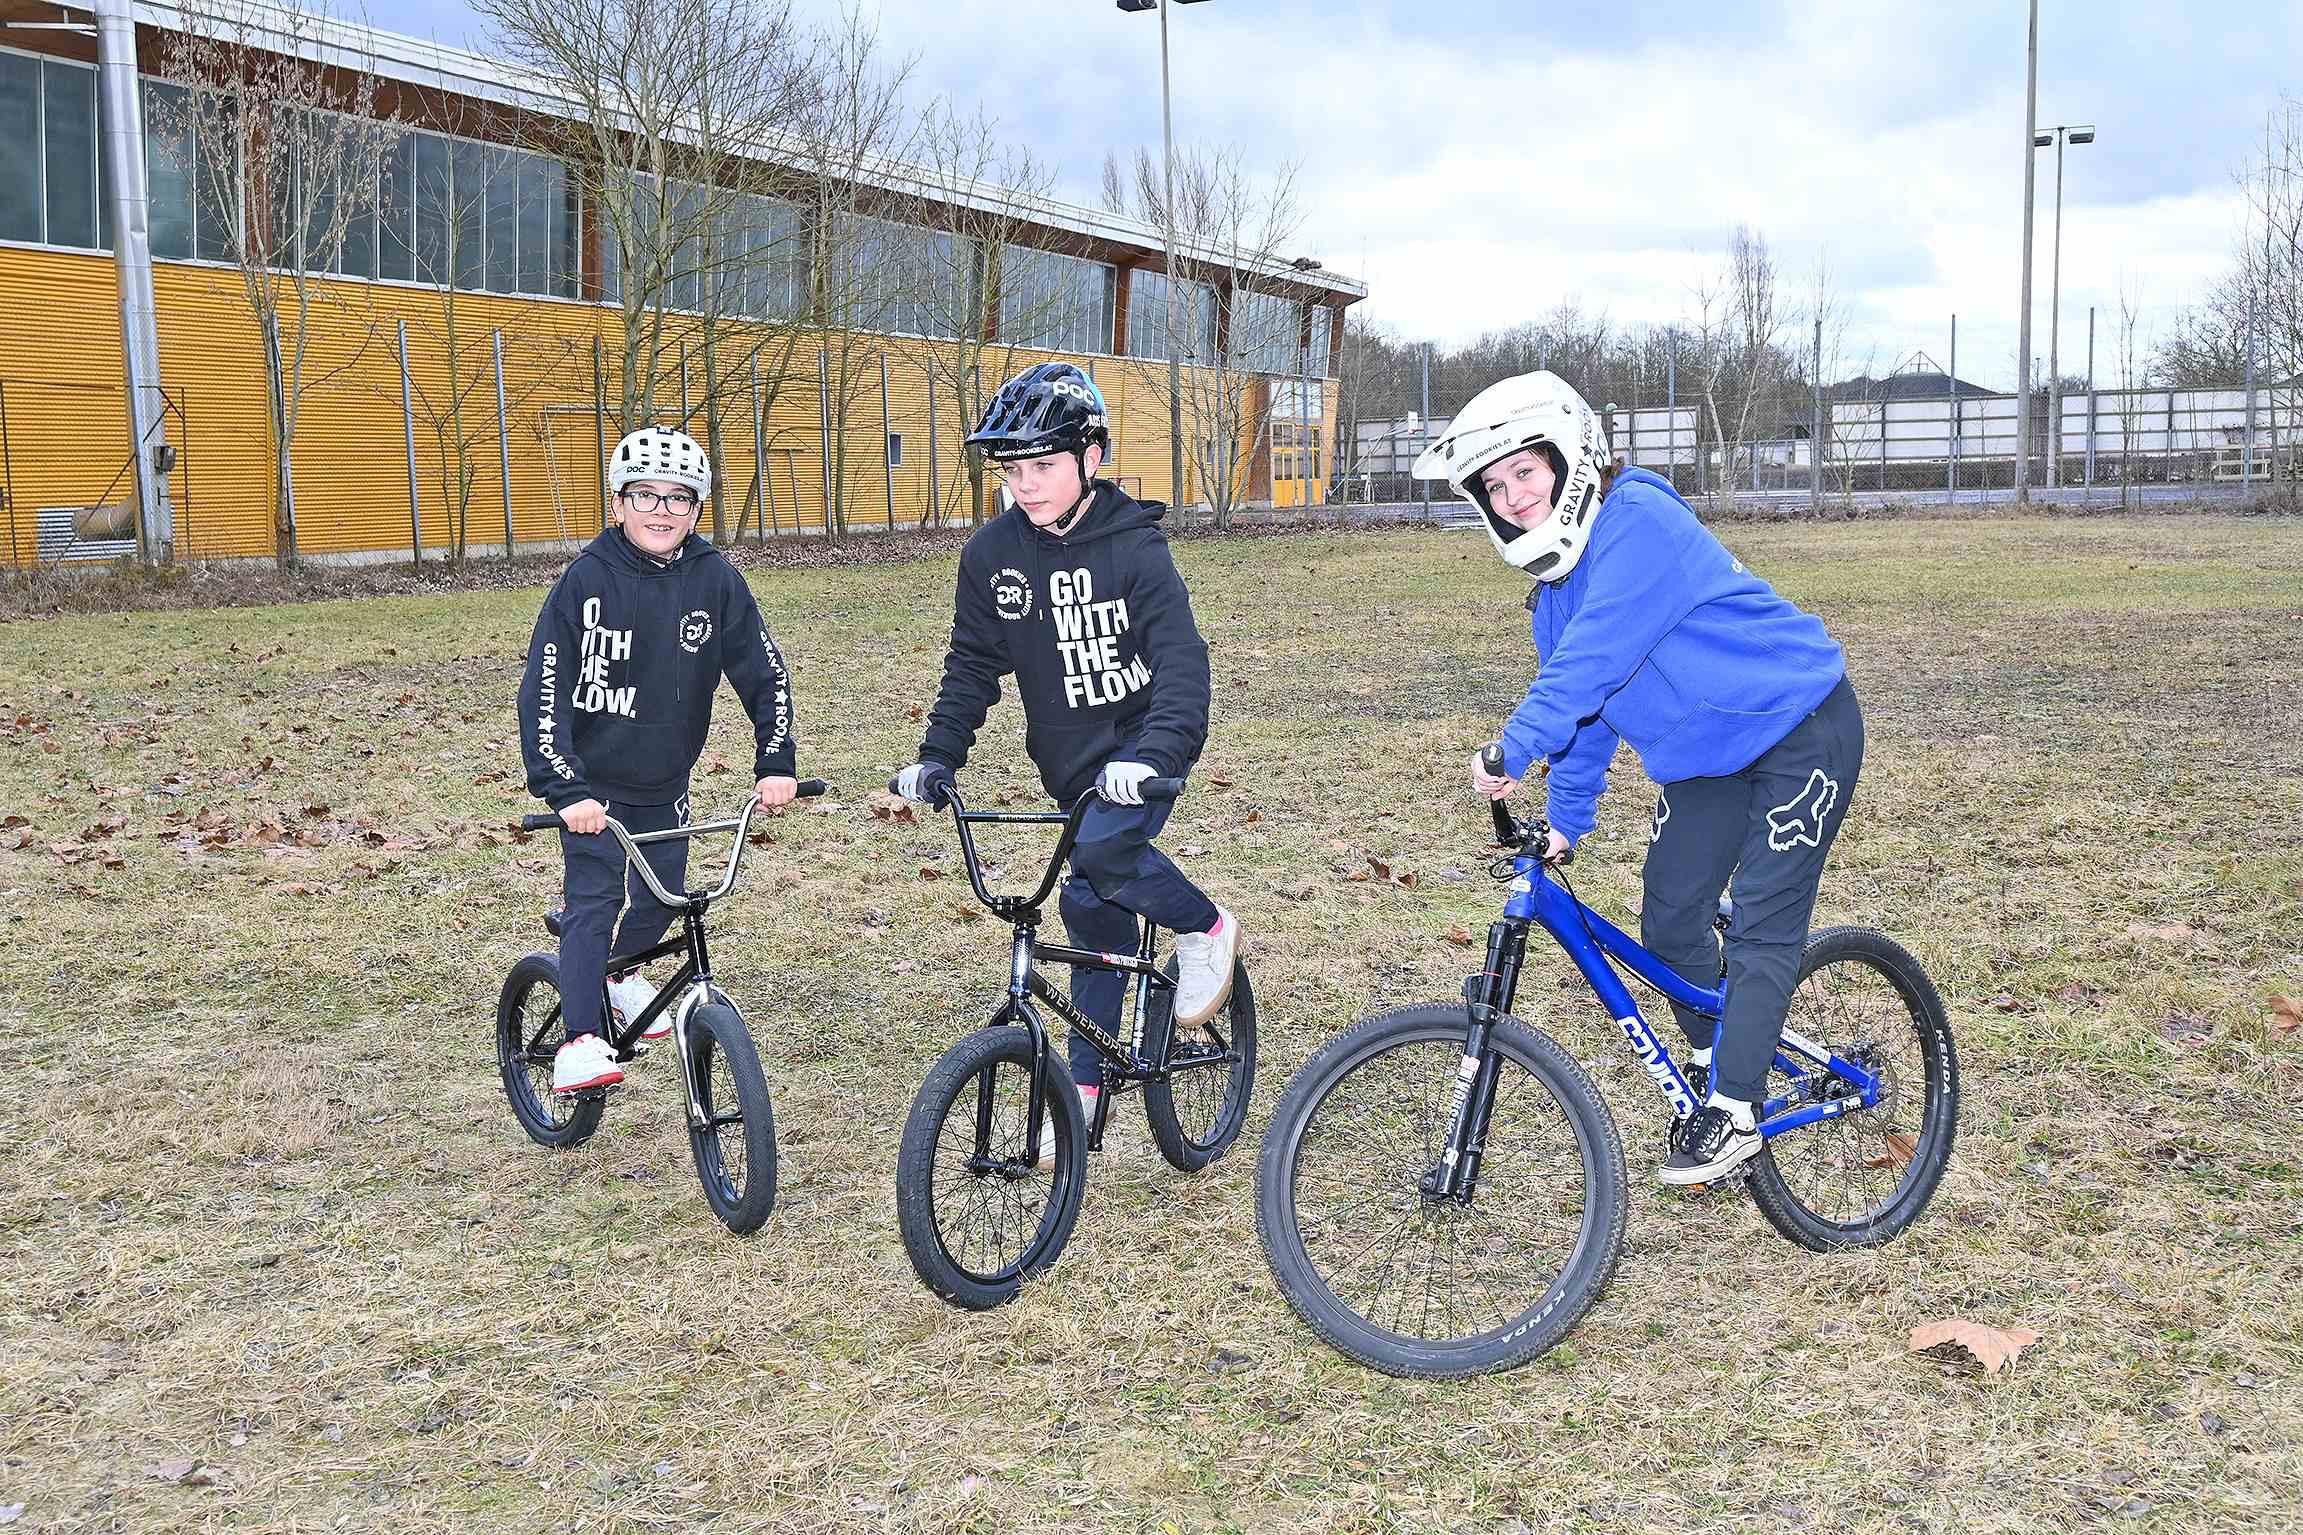 zwei Jungen und ein Mädchen auf ihrem Fahrrad